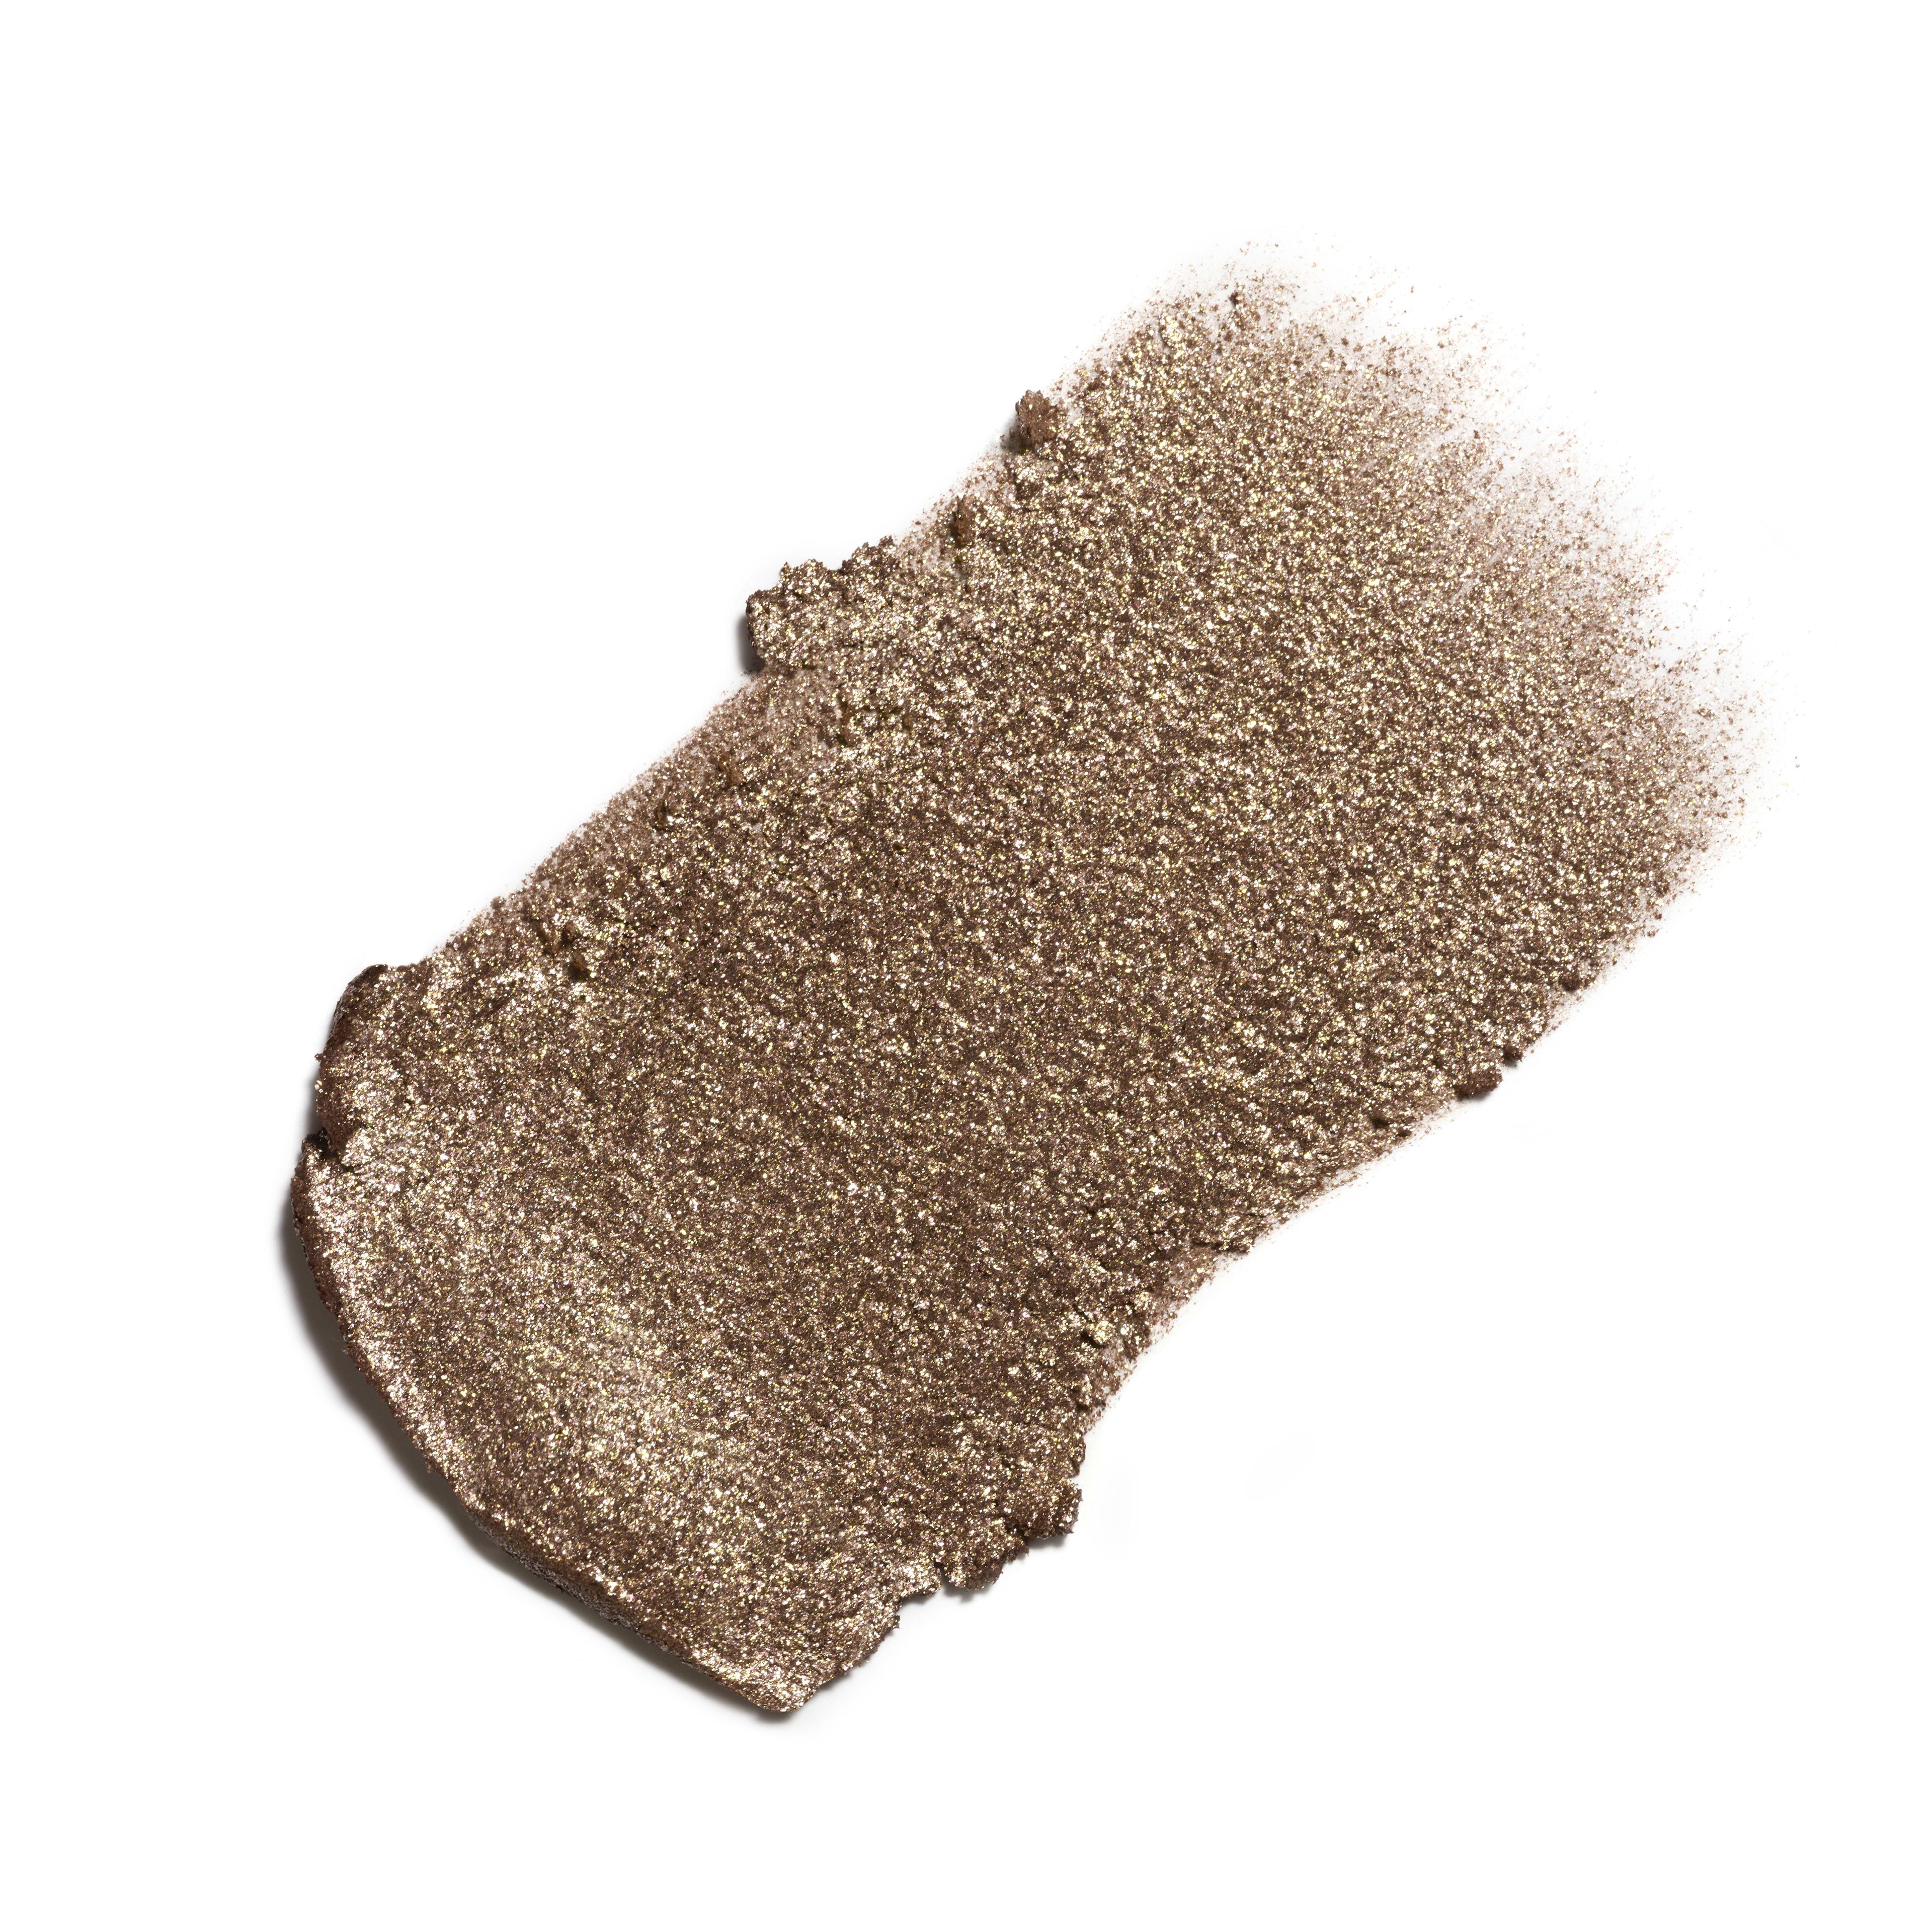 ILLUSION D'OMBRE - makeup - 0.14OZ. - Basic texture view